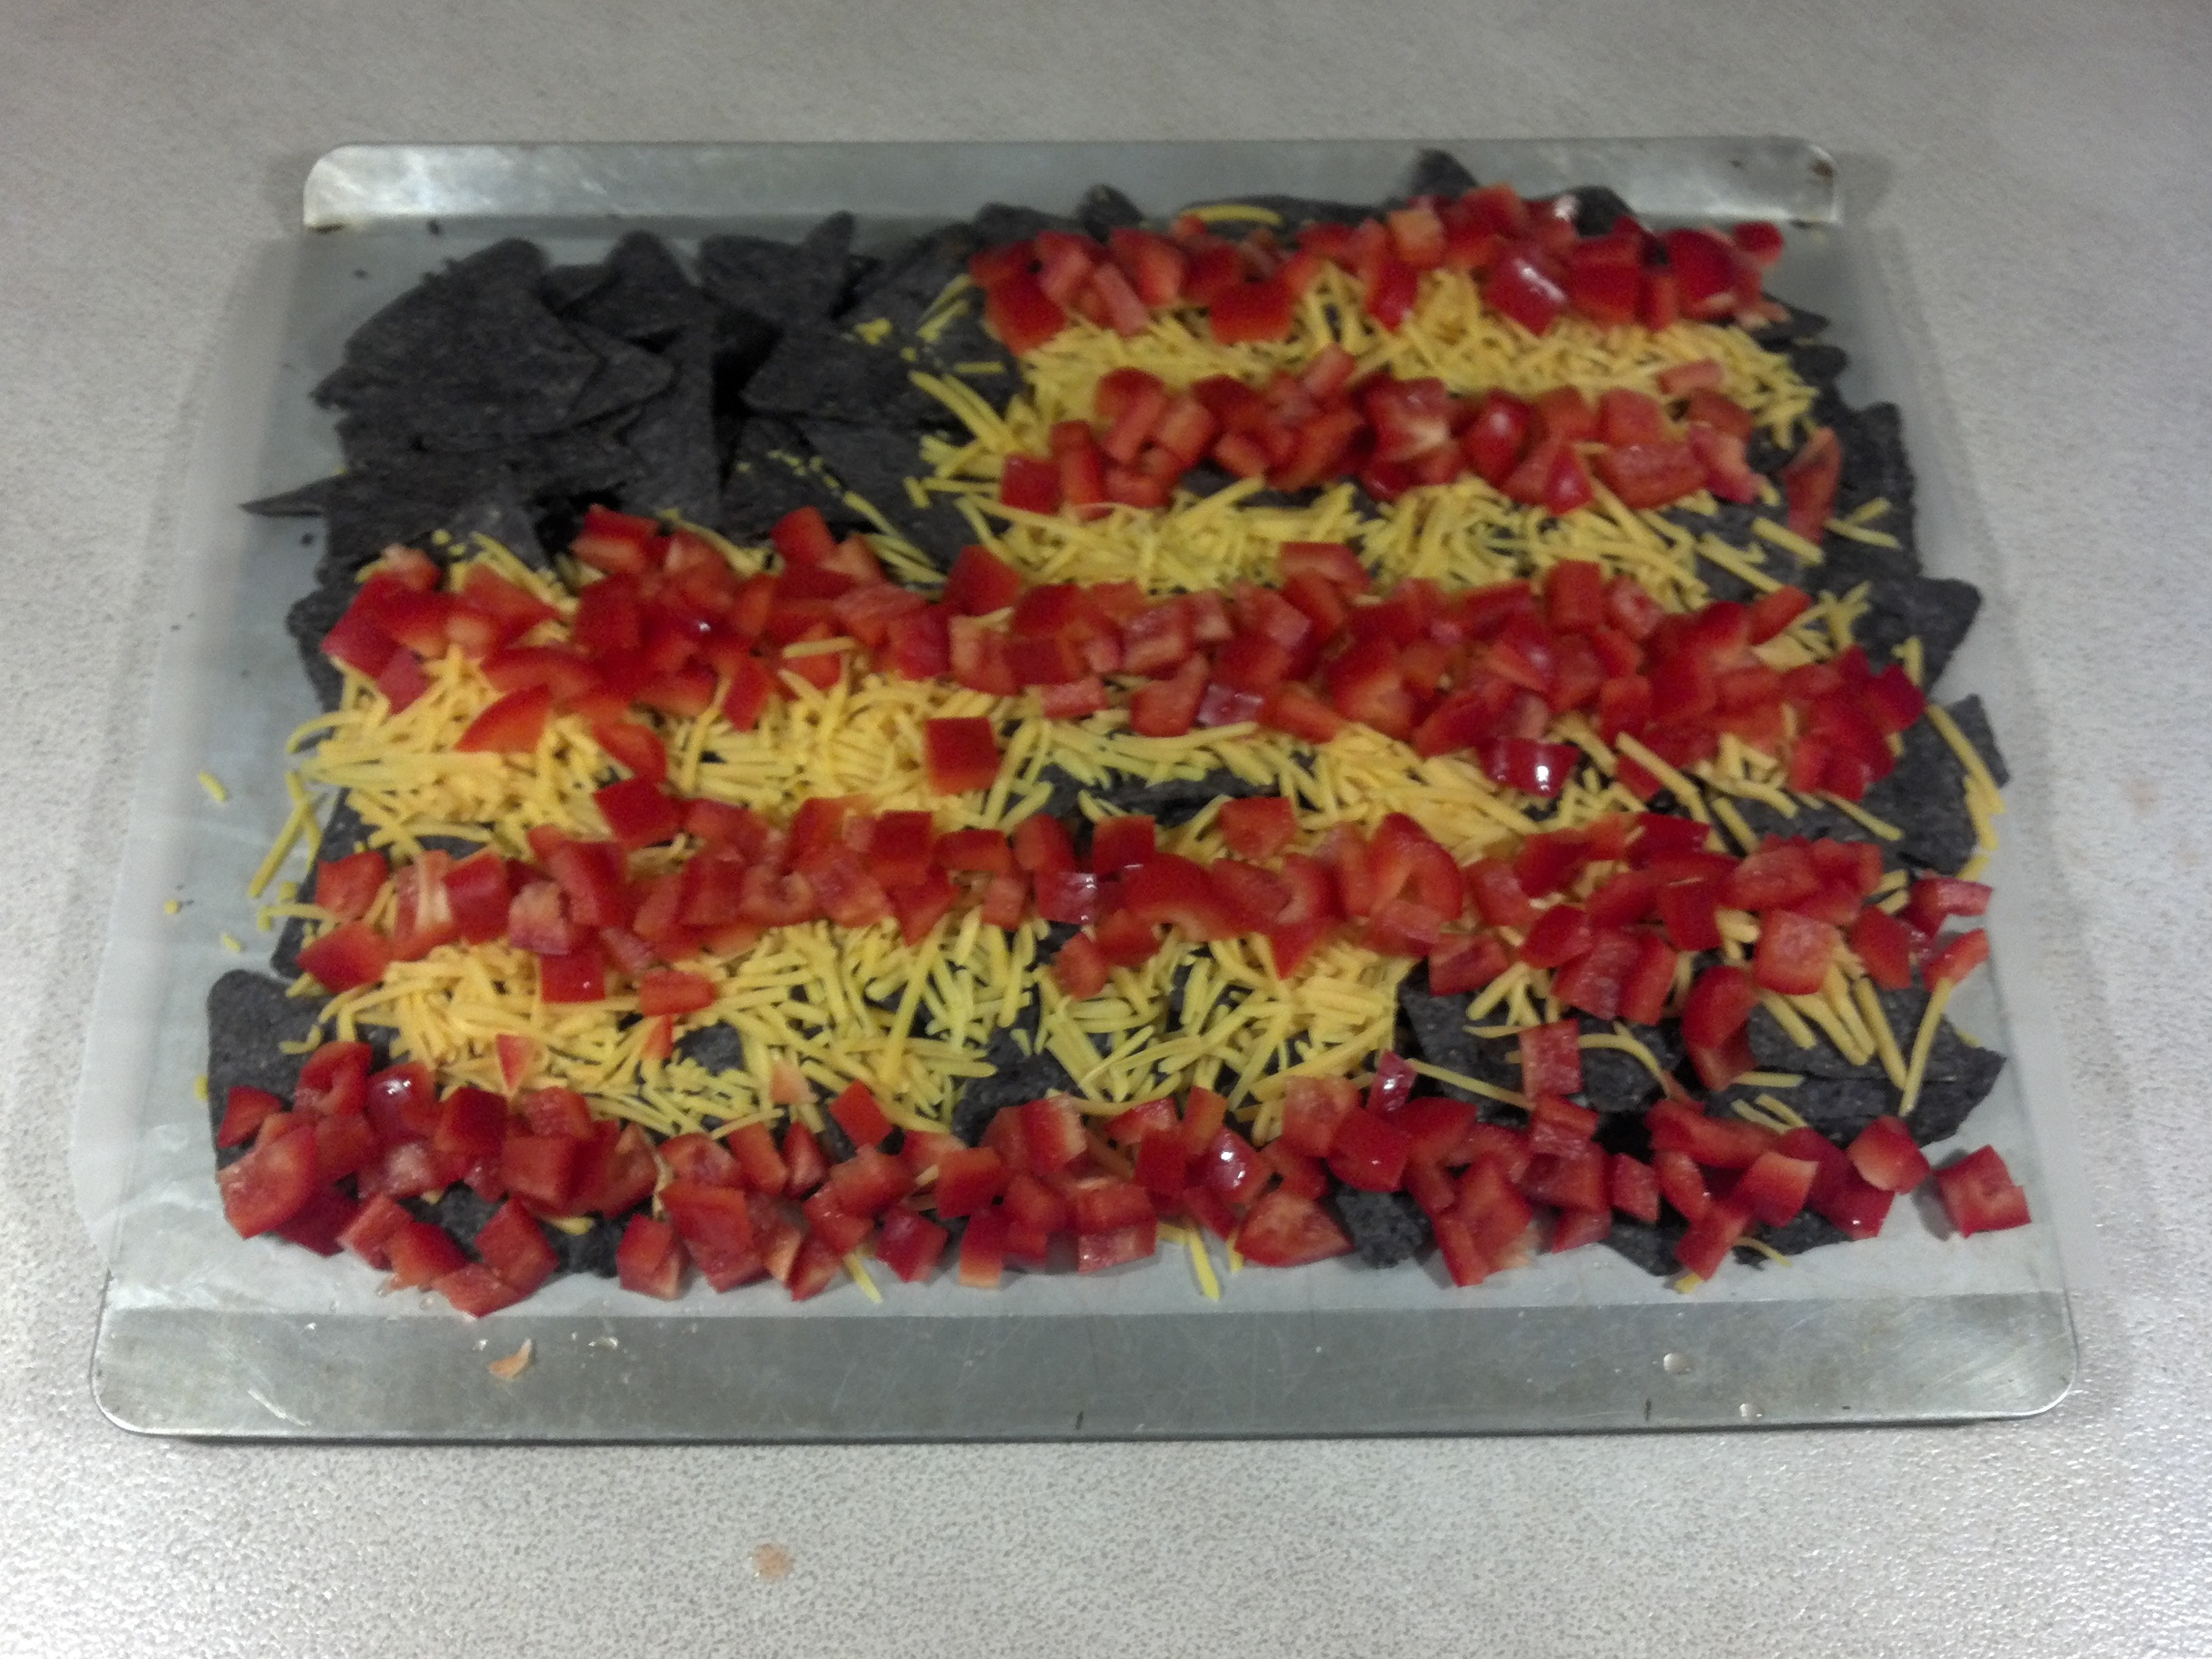 Red pepper on chips.jpg